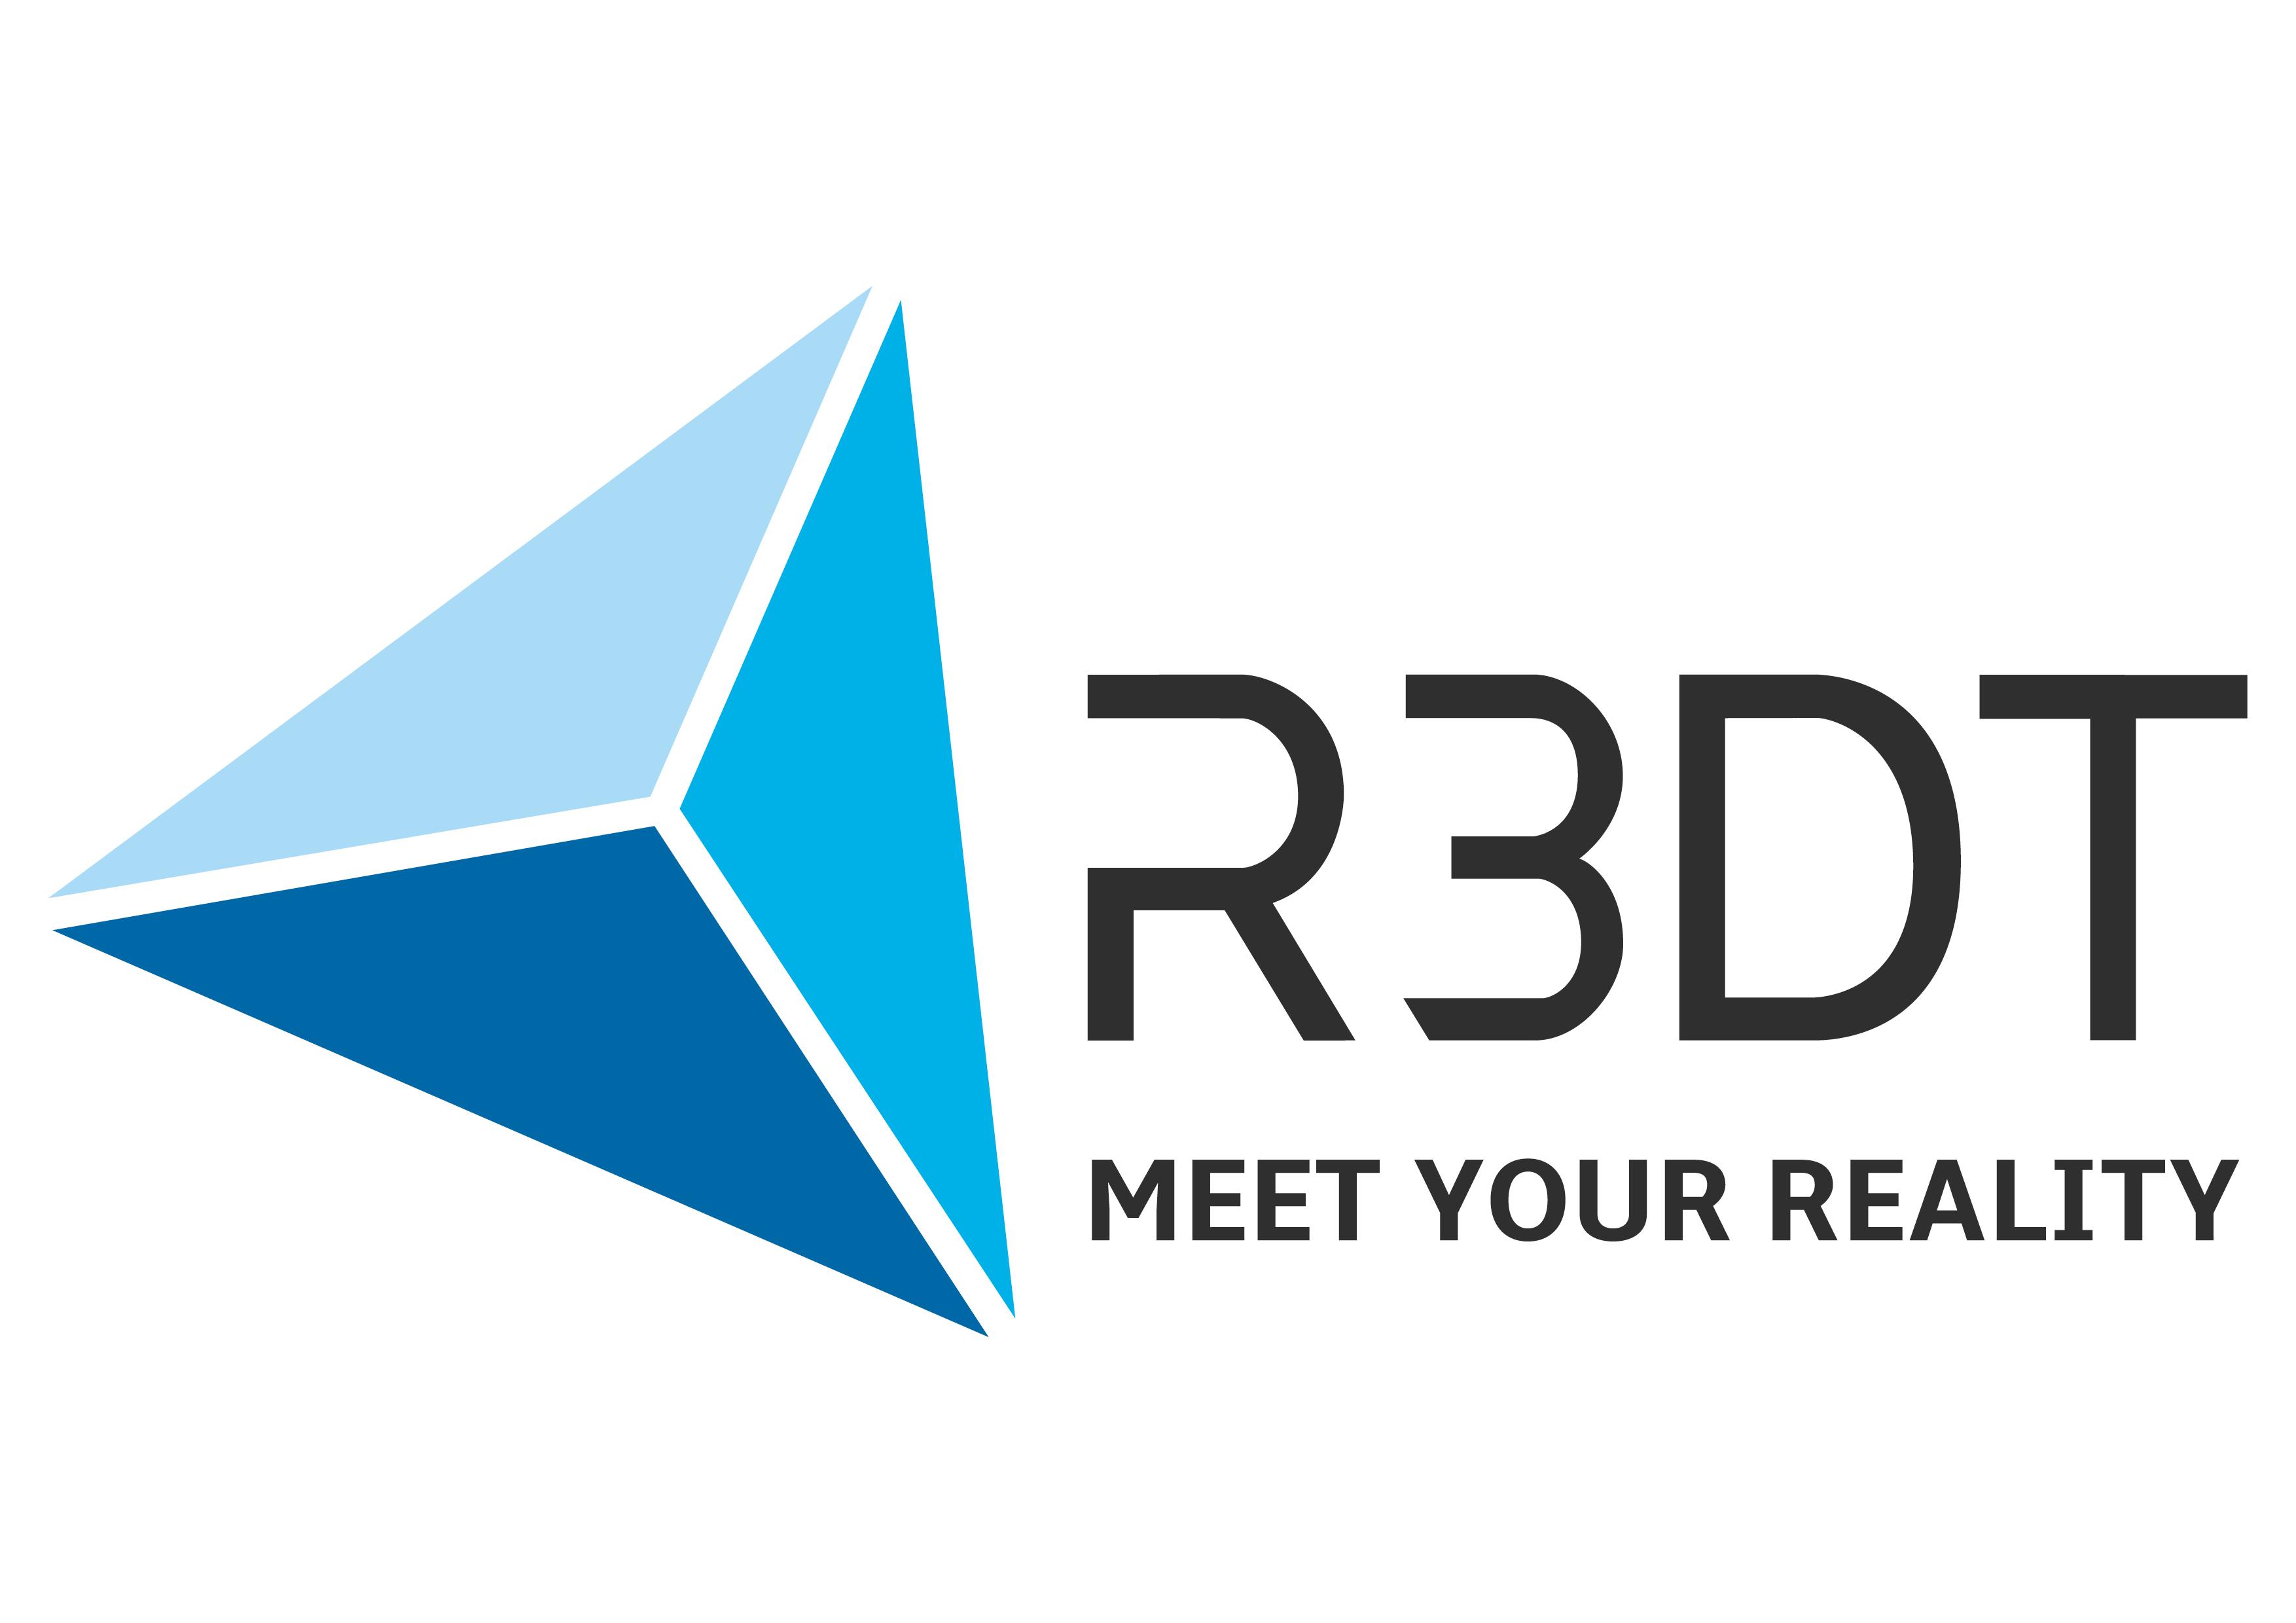 R3DT GmbH